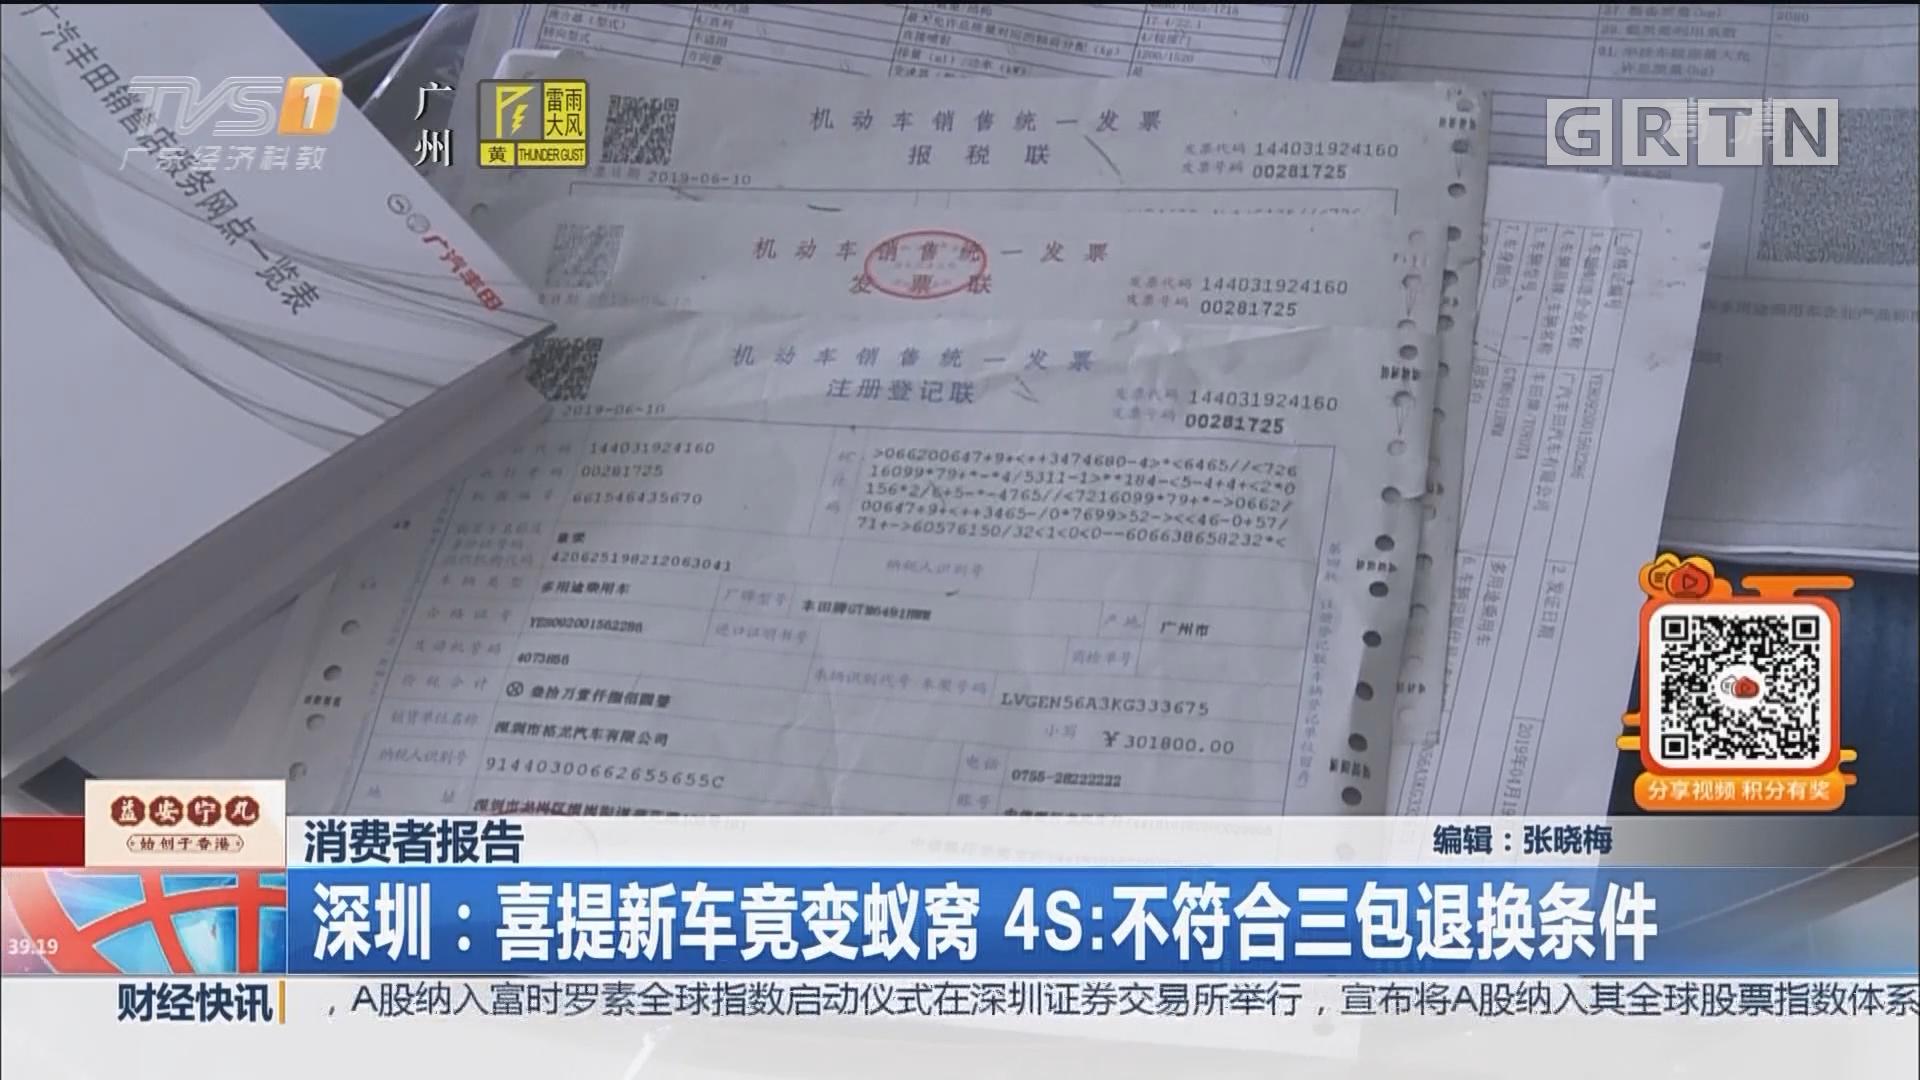 消费者报告 深圳:喜提新车竟变蚁窝 4S:不符合三包退换条件